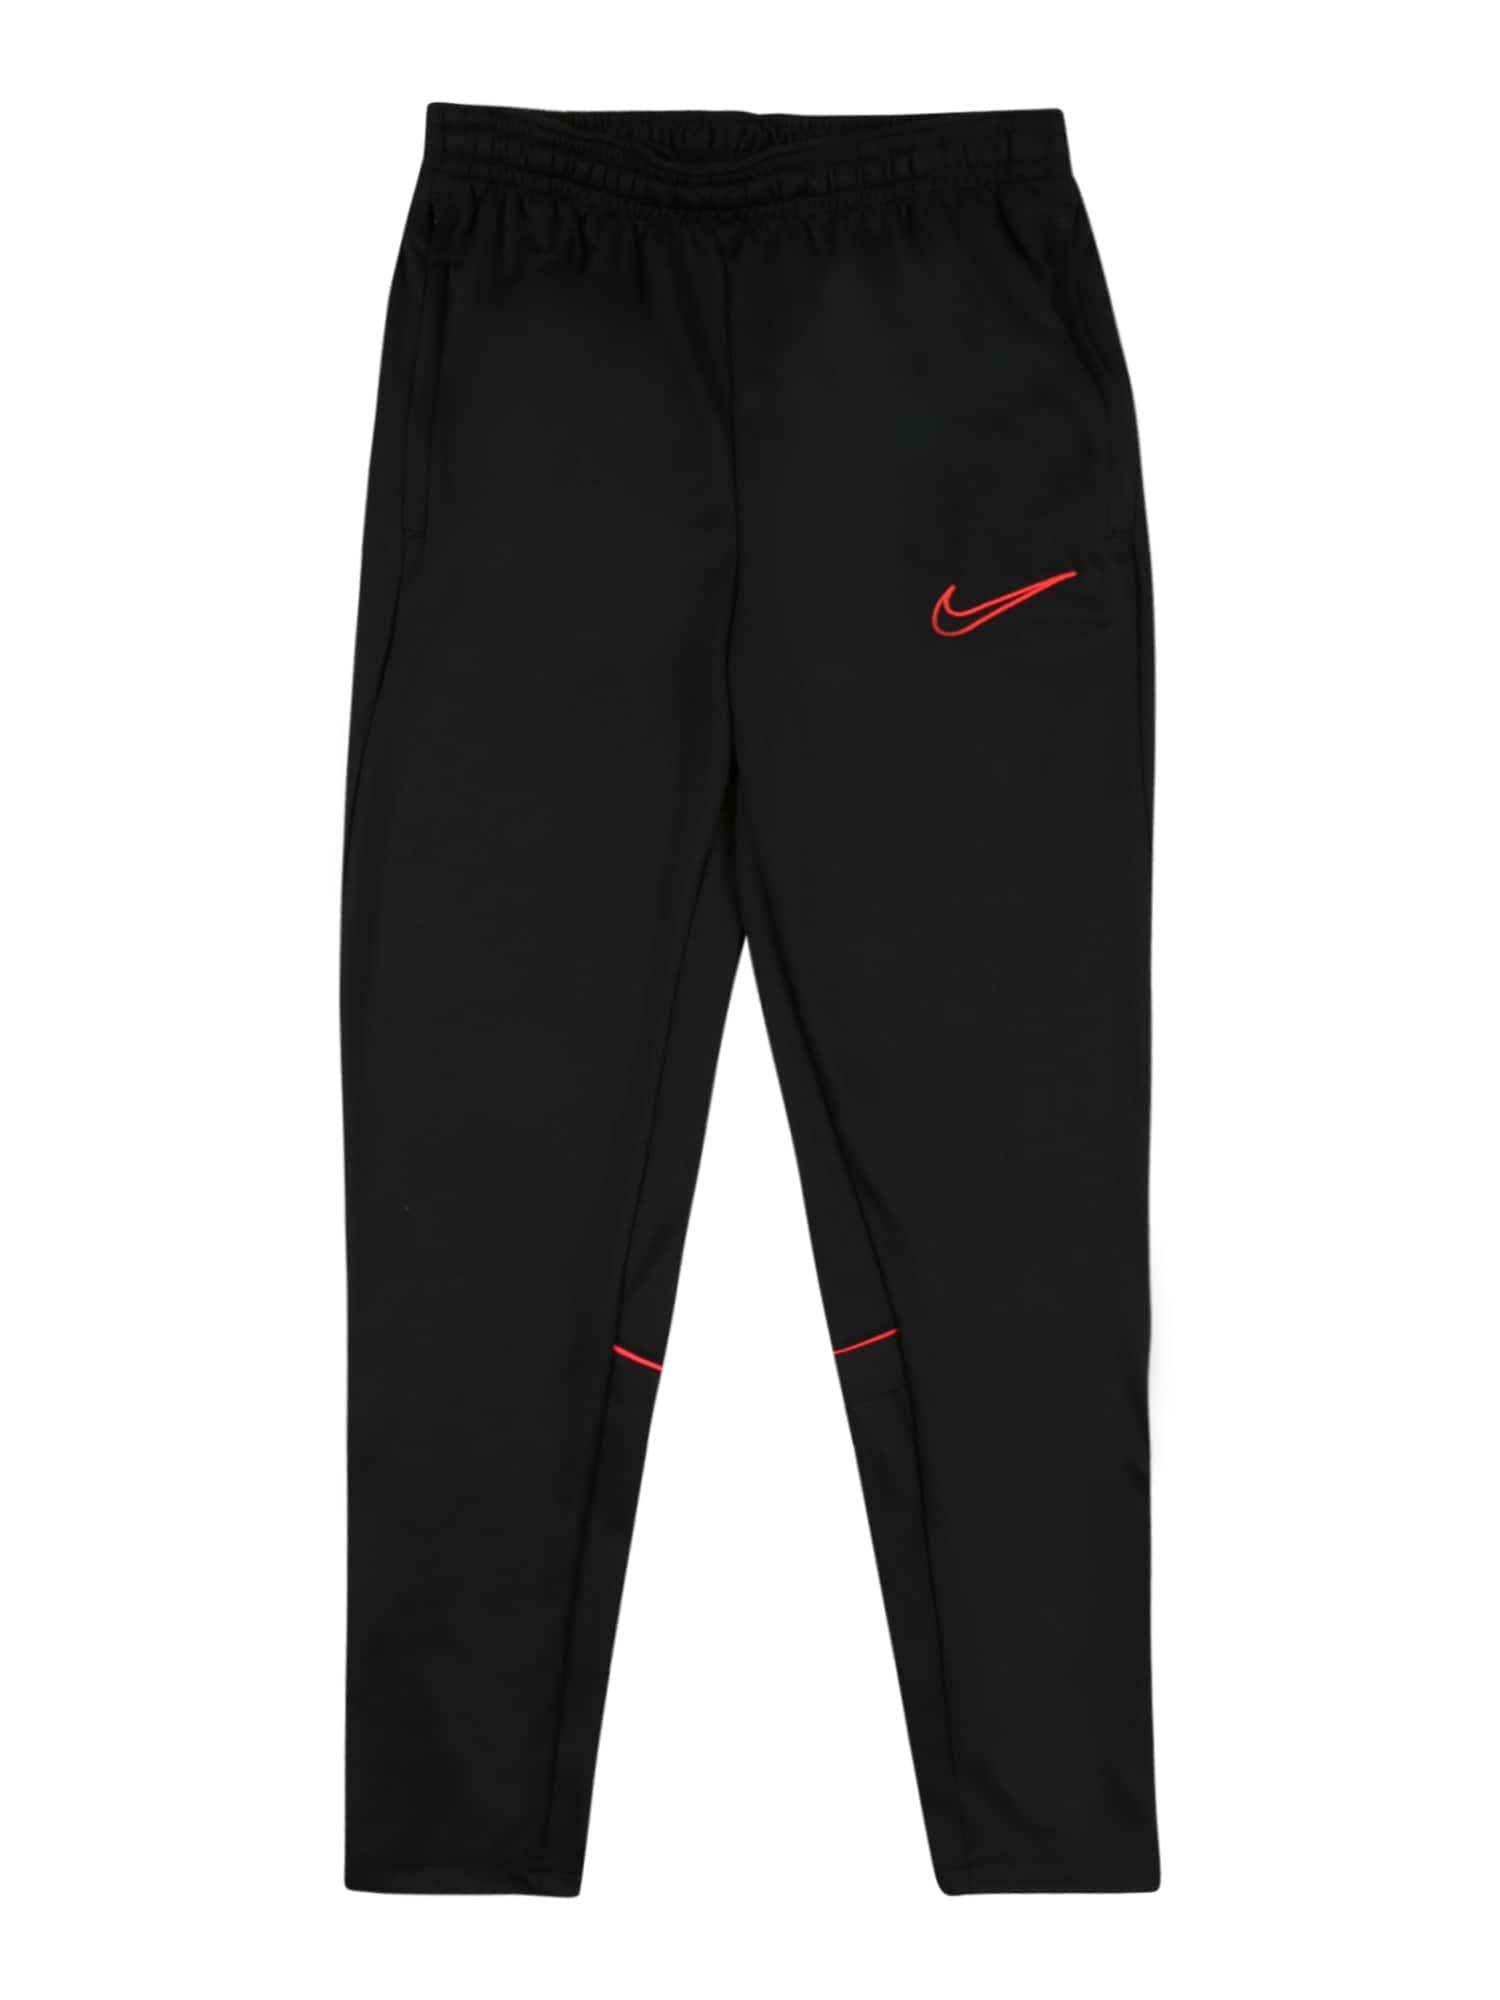 NIKE Sportinės kelnės juoda / raudona